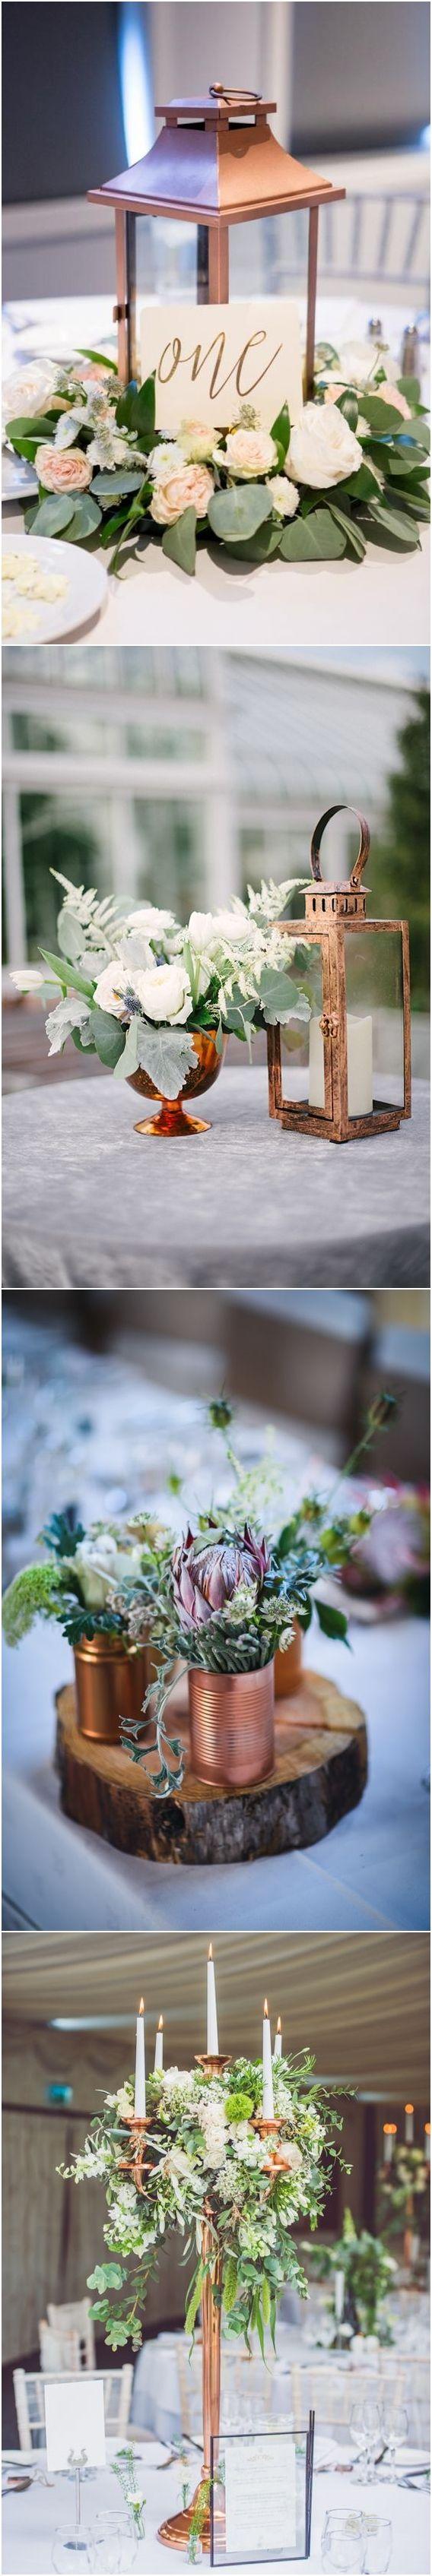 greenery and copper wedding table ❤️ #greenerywedding #goldwedding #copperwedding #vintagewedding #weddingcolors #weddingideas http://www.deerpearlflowers.com/copper-and-greenery-wedding-color-ideas/